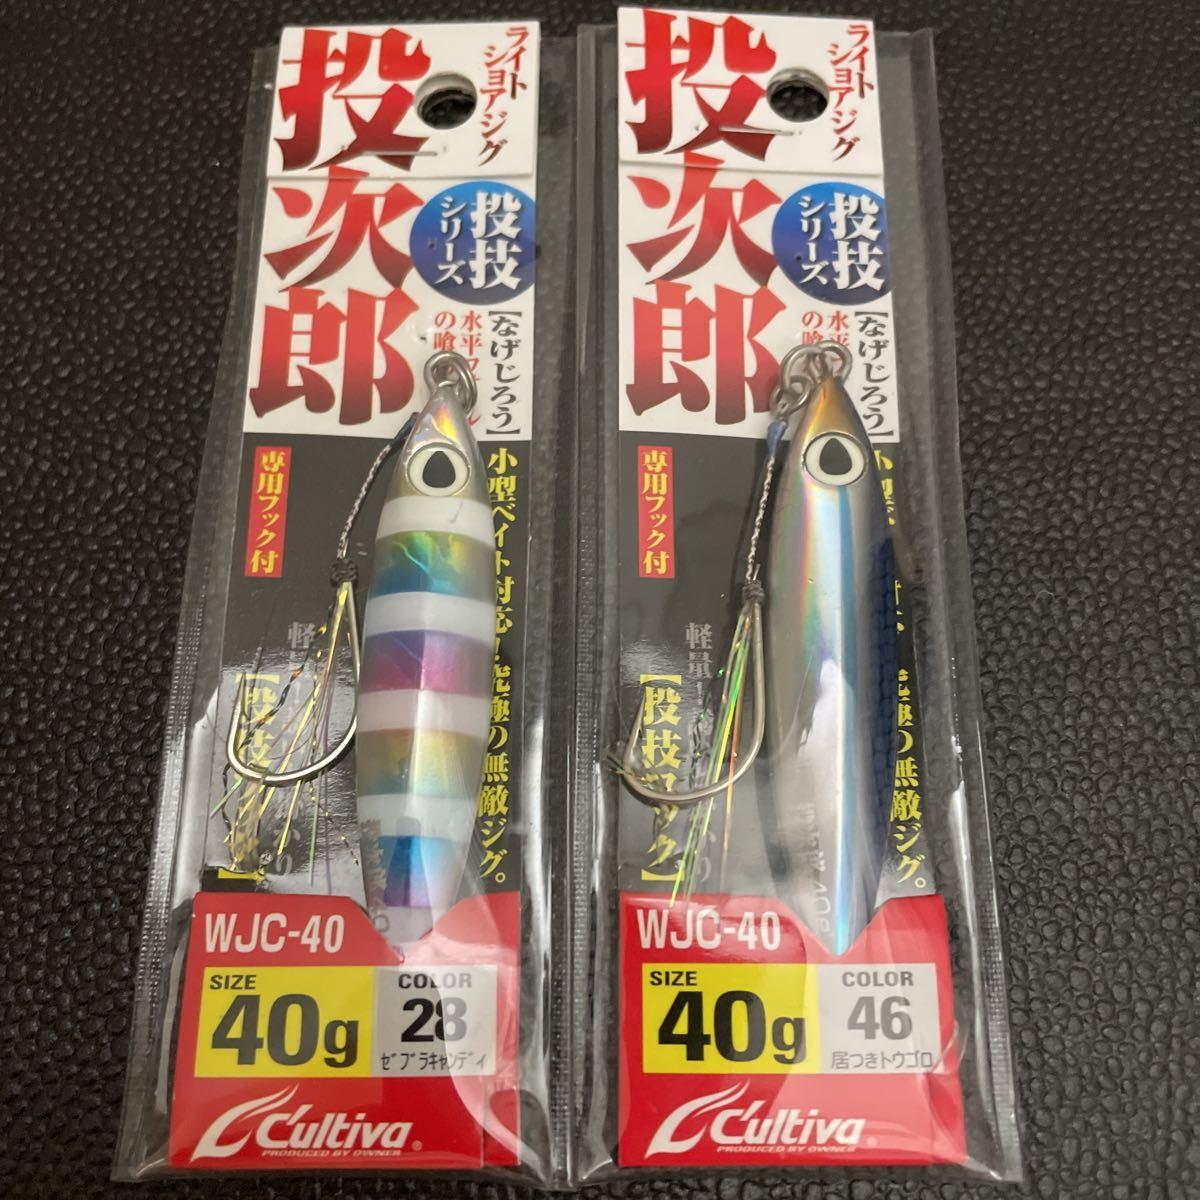 投次郎 40g 2個set 未使用(撃投ジグ